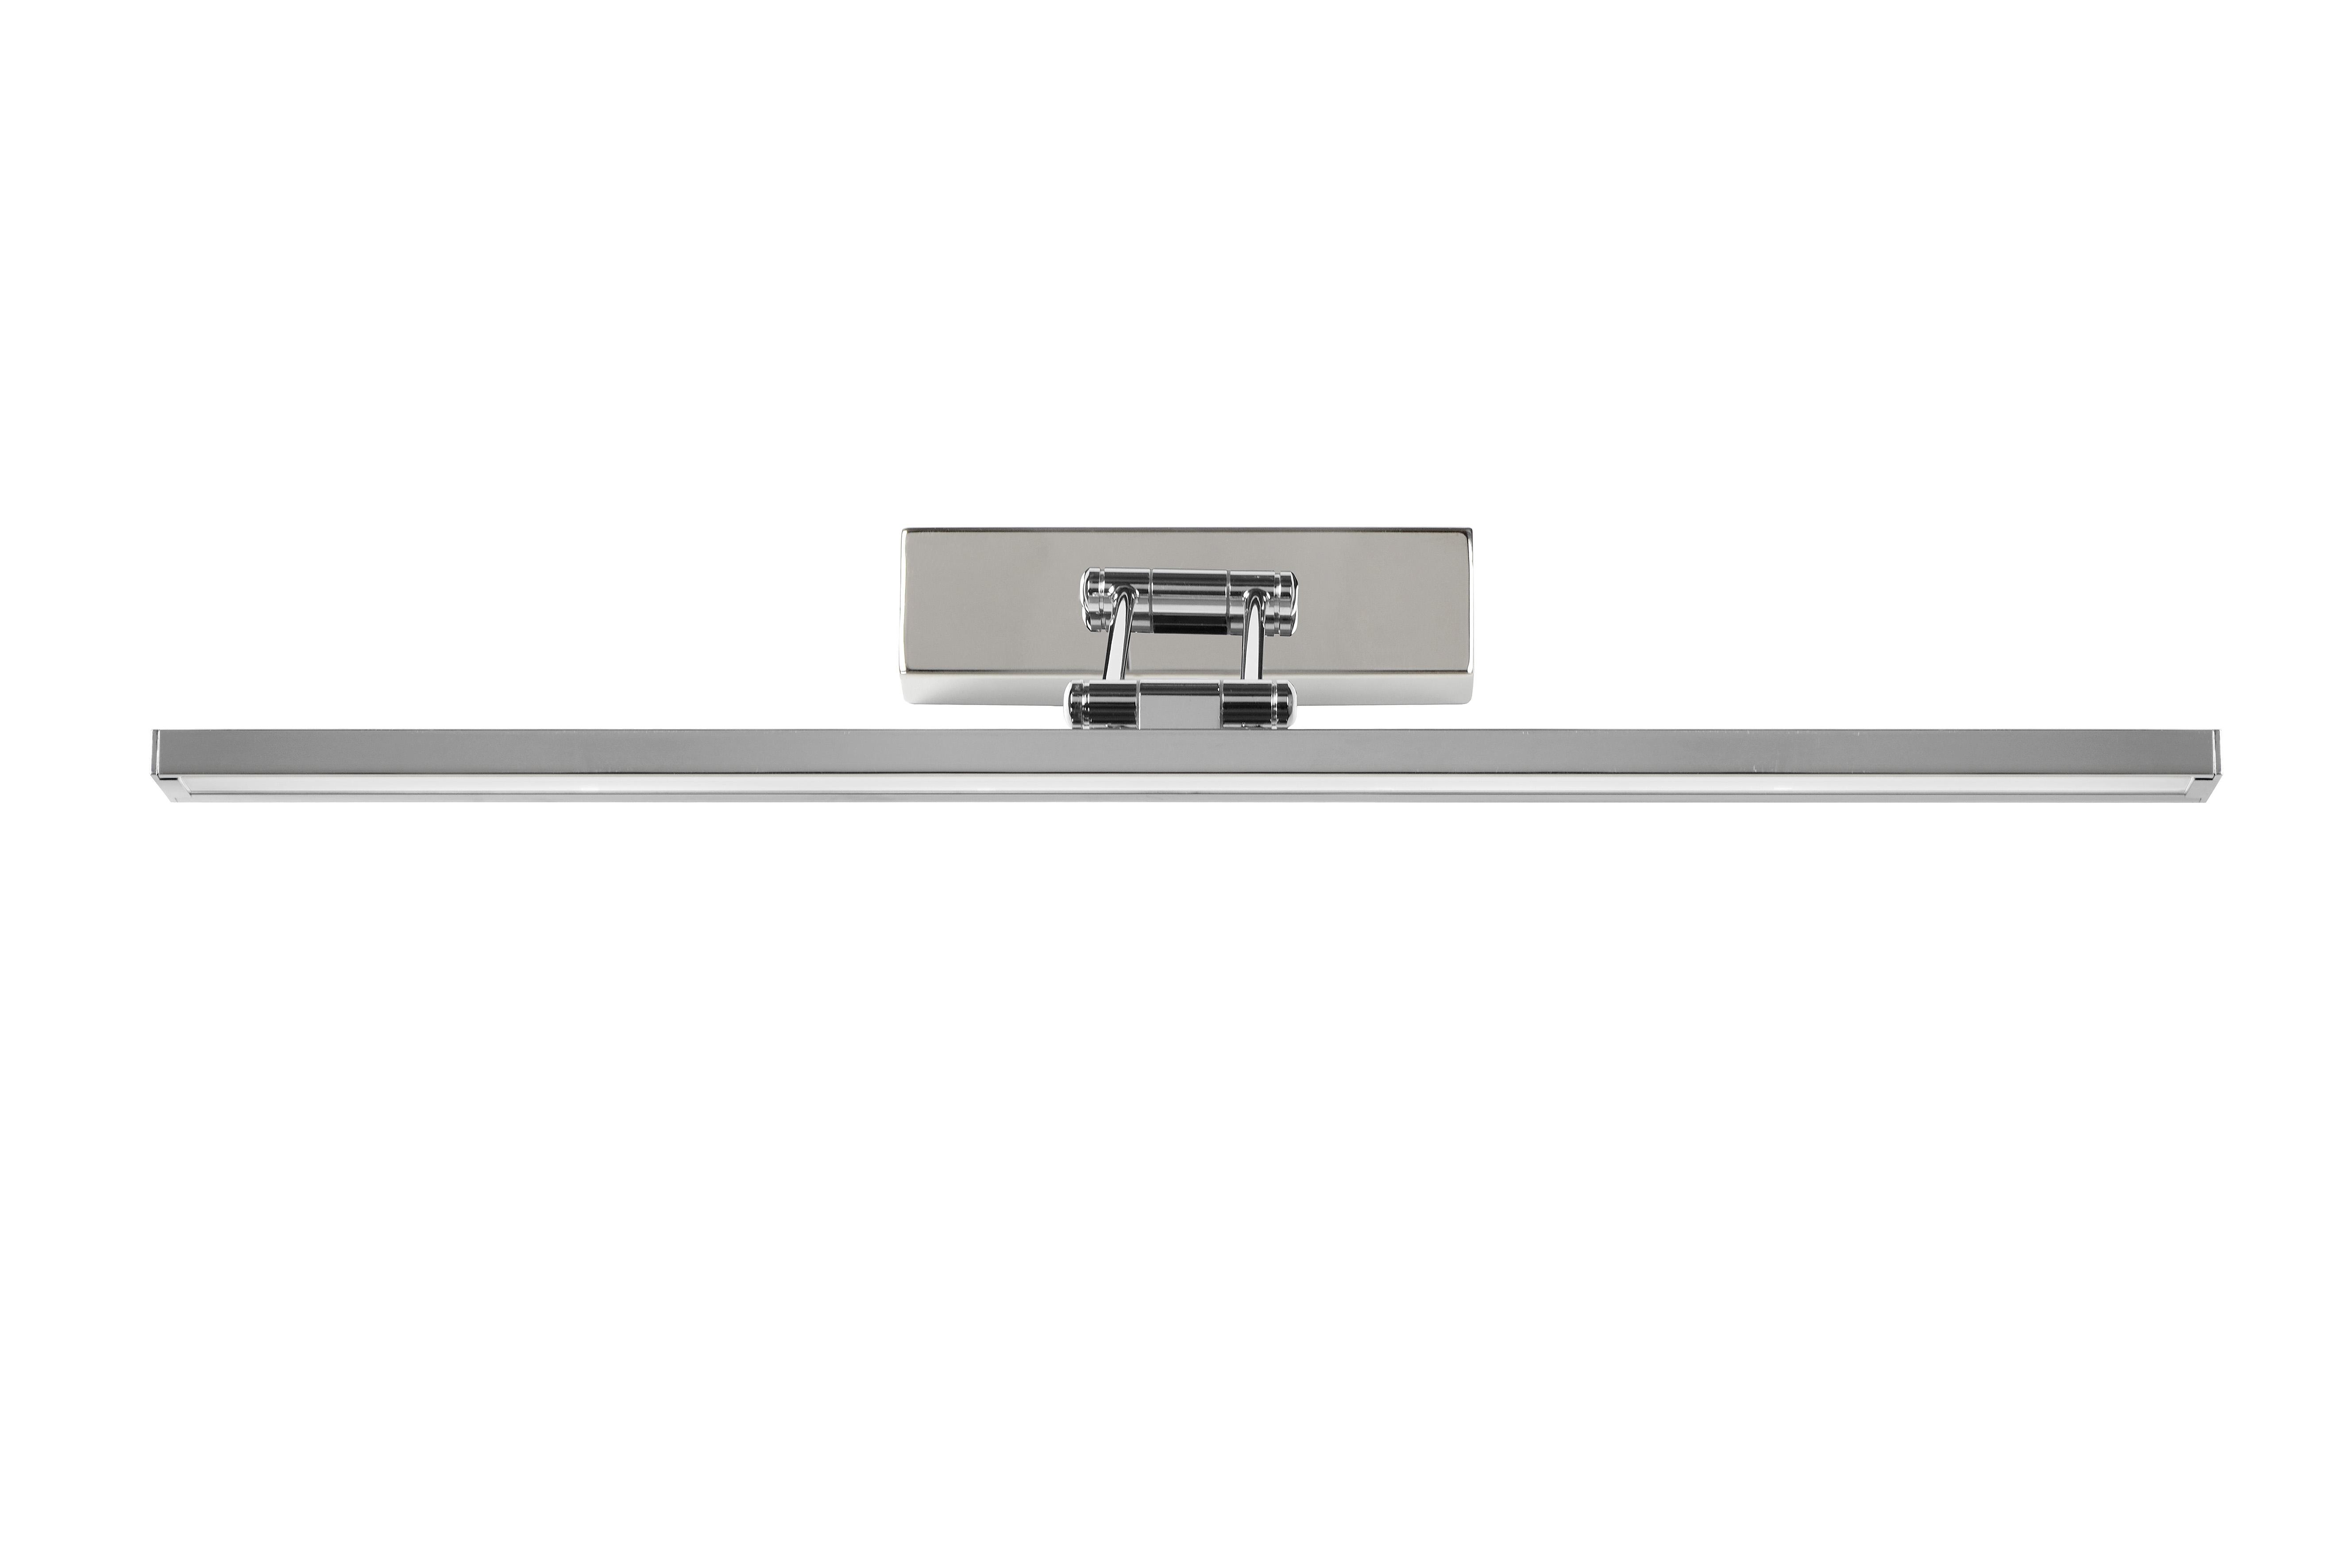 Erwan spiegelleuchte badezimmer led 1x12w 3000k ip21 chrom - Spiegelleuchte badezimmer ...